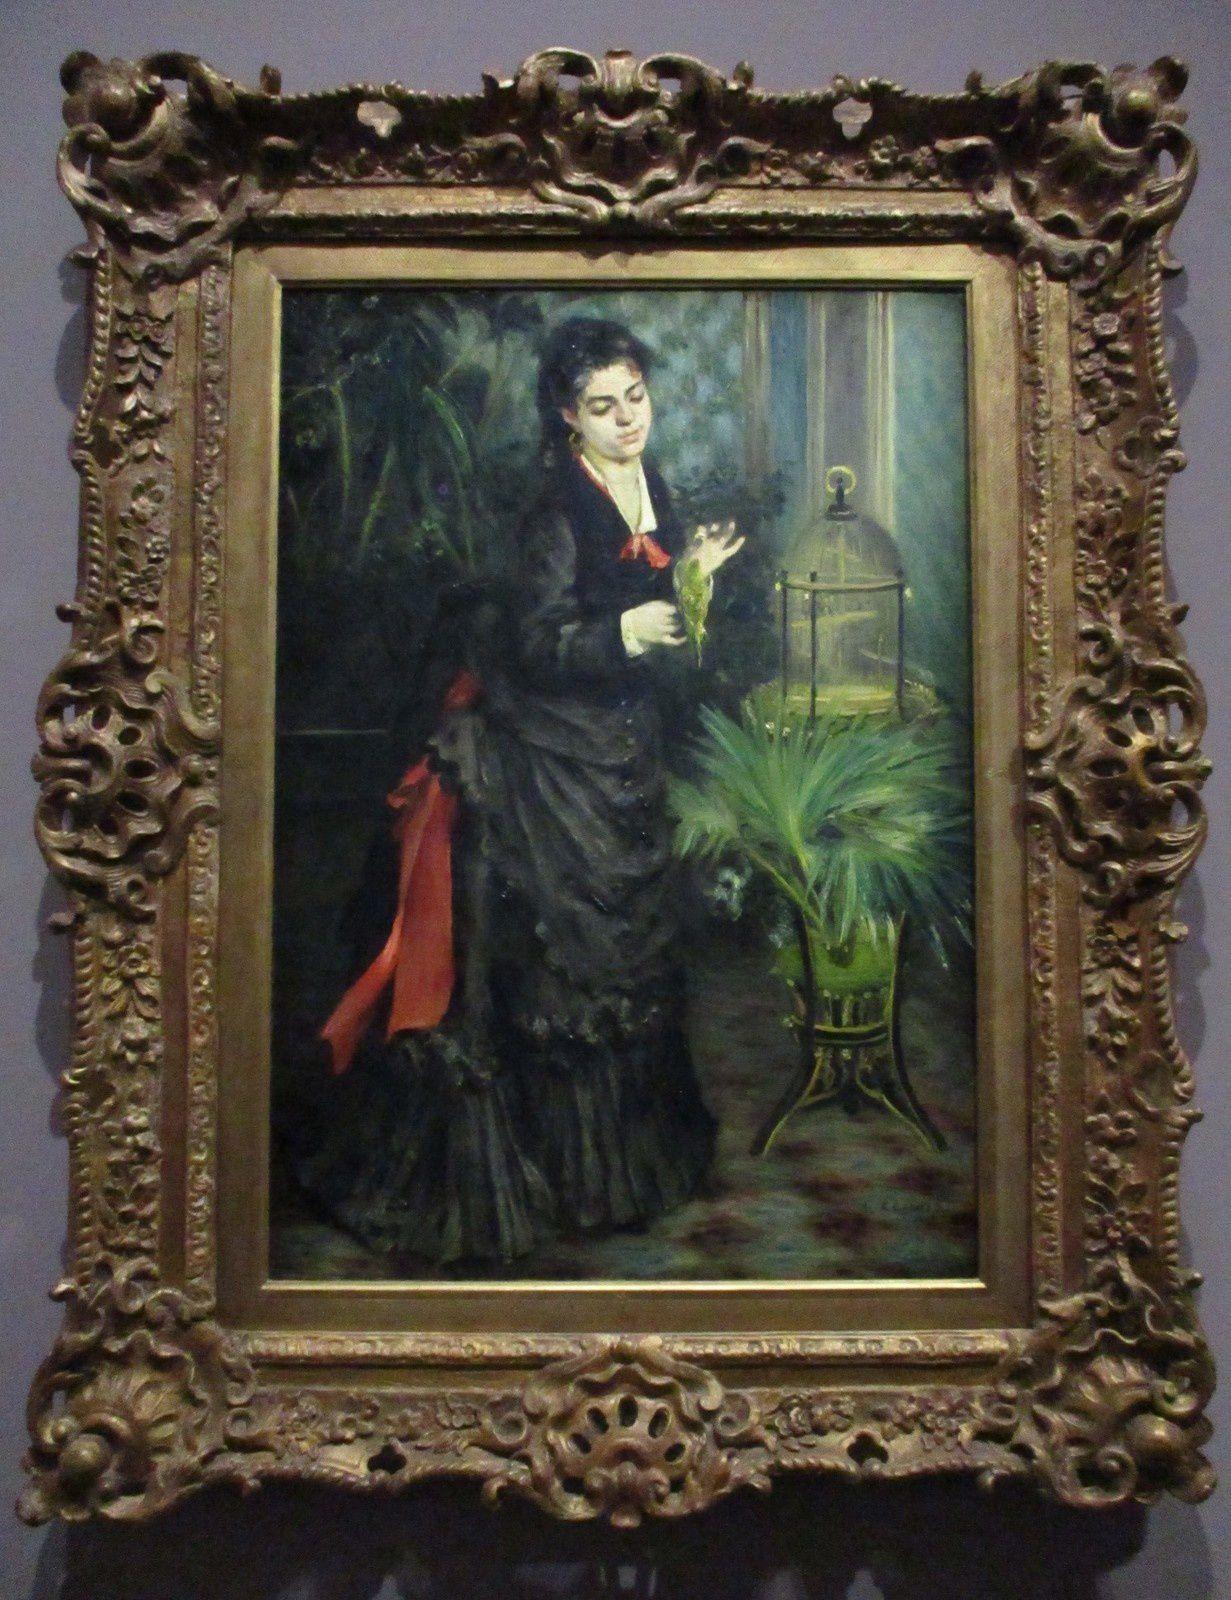 La femme à la perruche - Pierre-Auguste Renoir, 1871